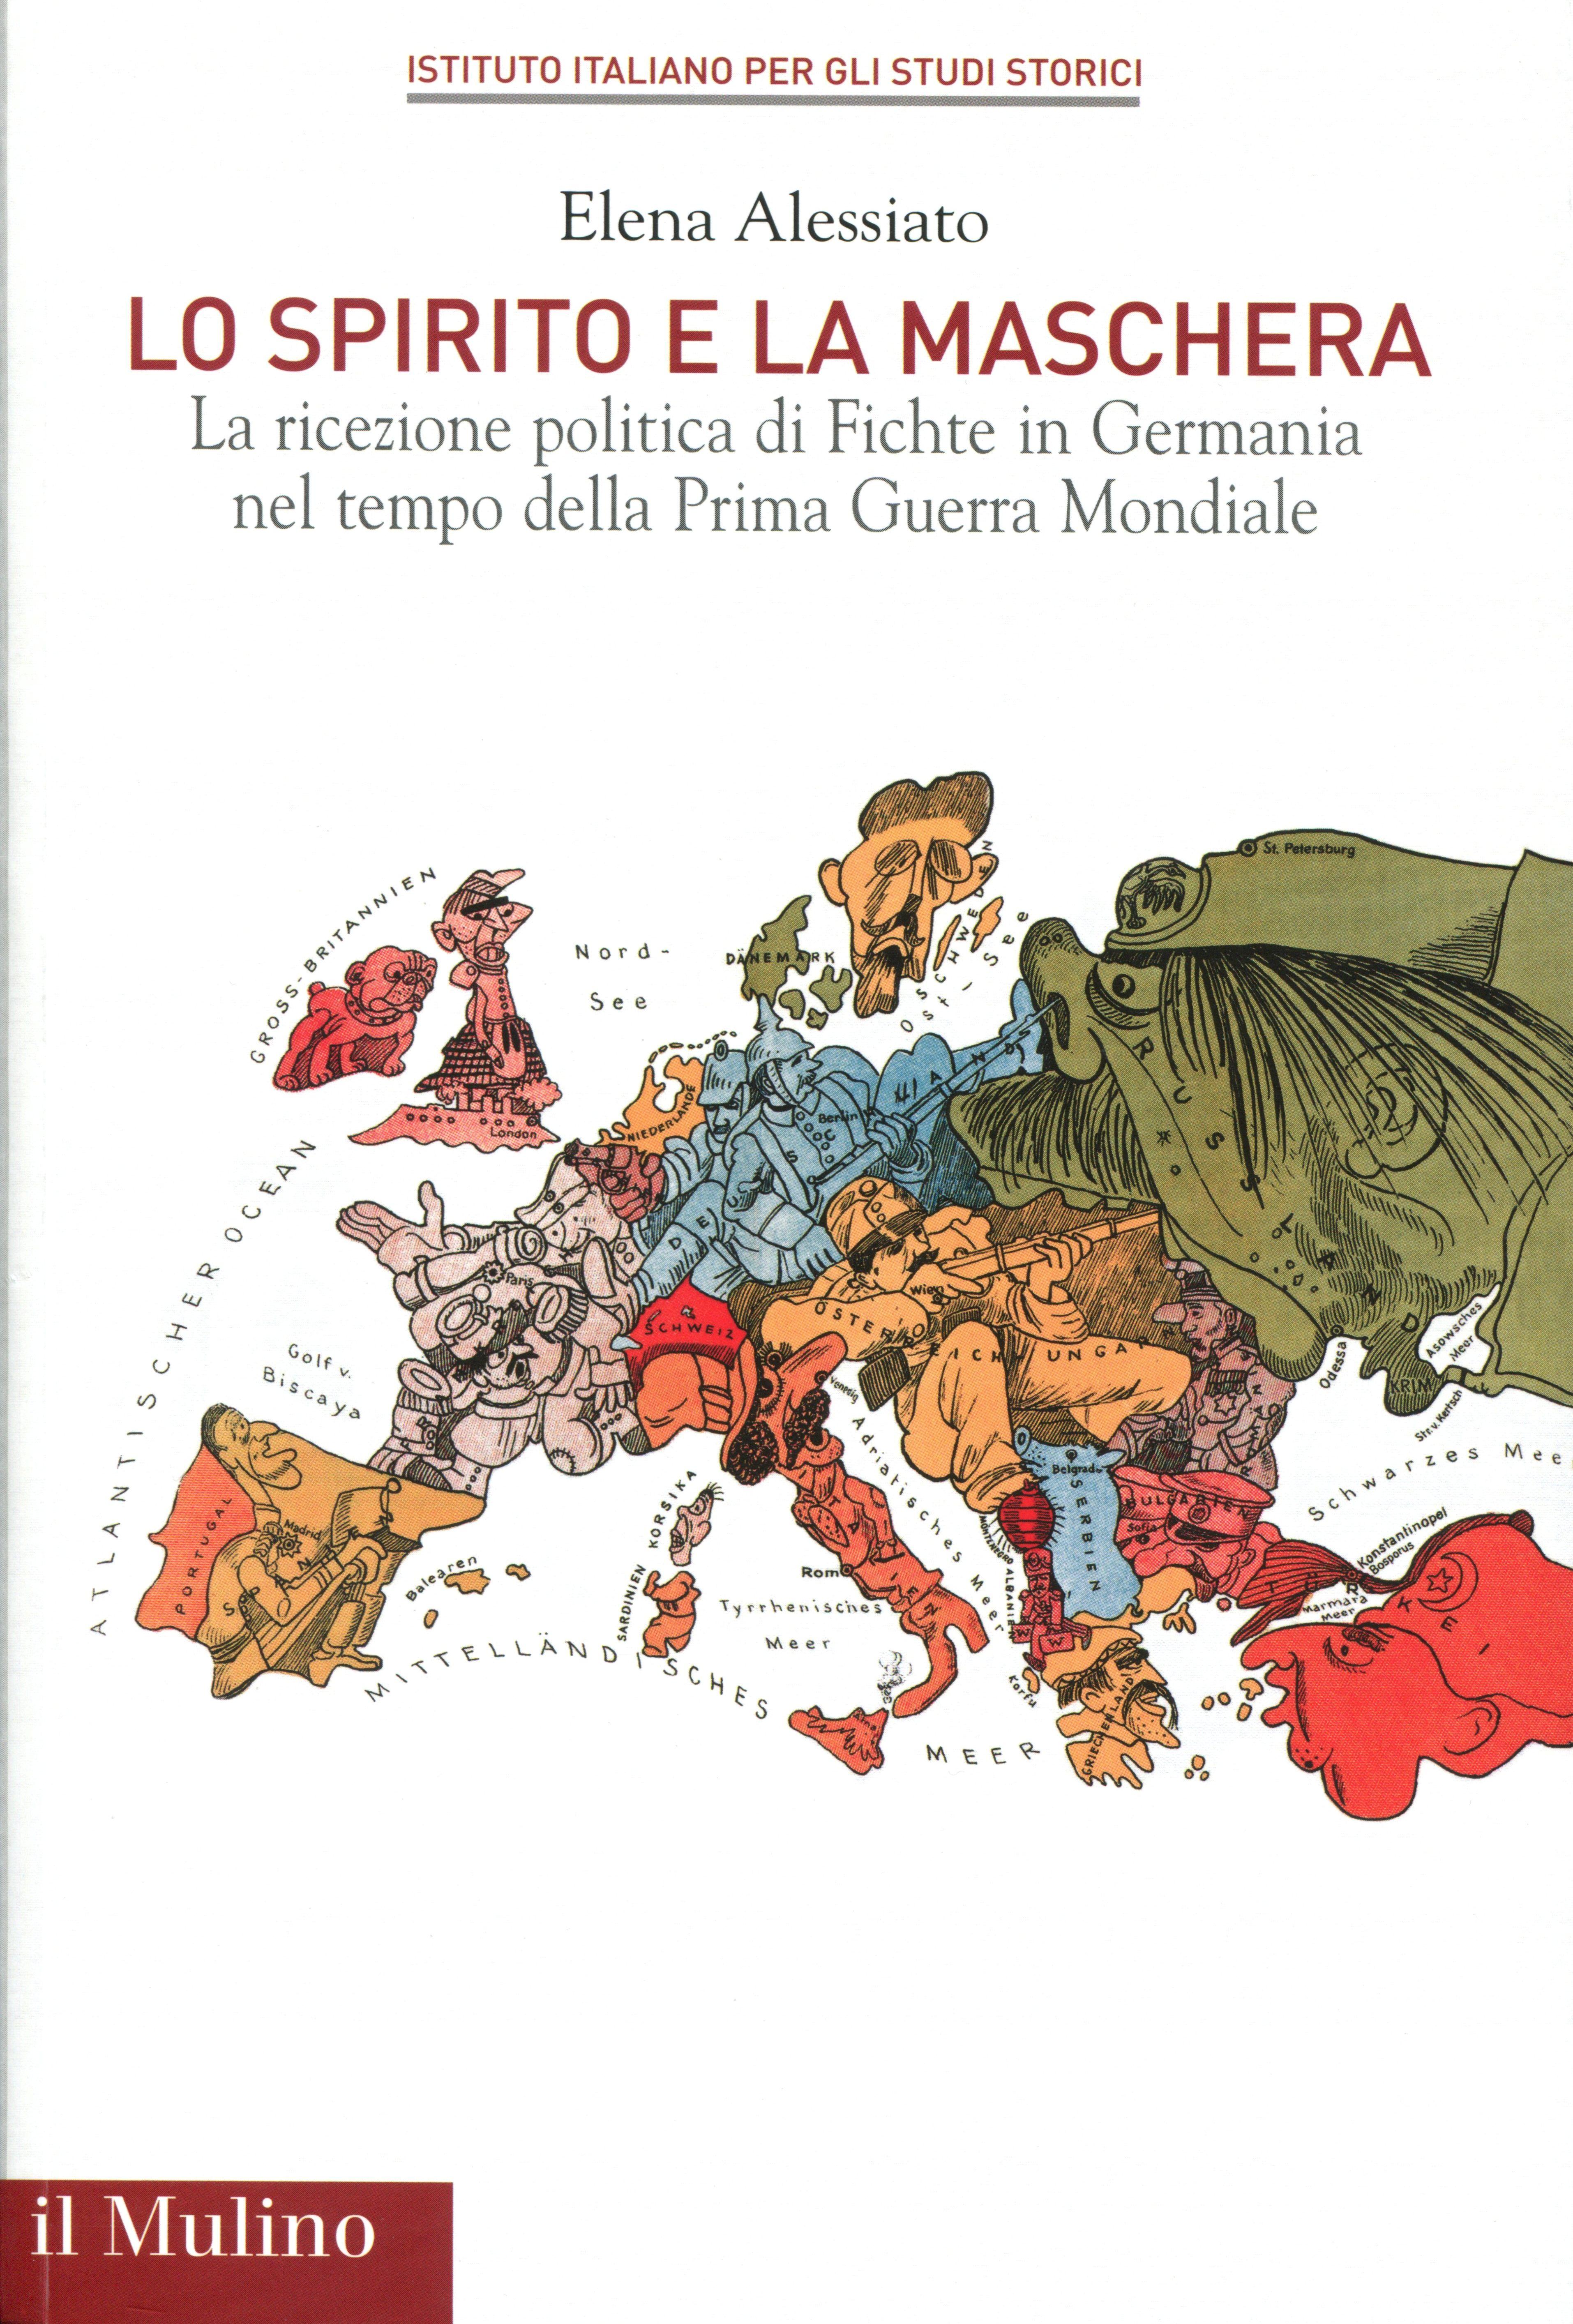 """Pubblicazione del volume di E. Alessiato, La ricezione politica di Fichte in Germania, nella collana """"Saggi"""" dell'Istituto"""